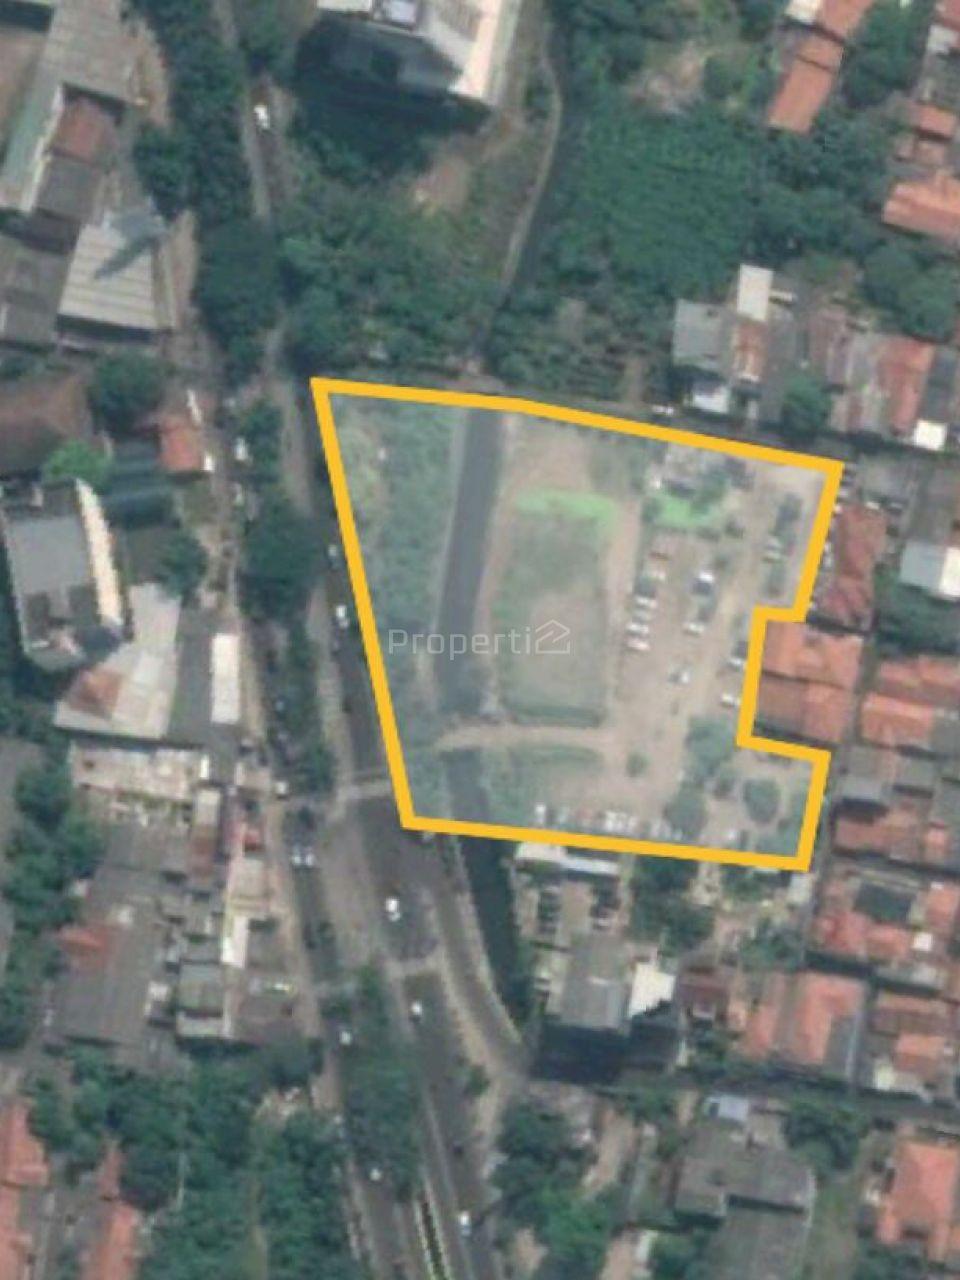 Commercial Land in Jalan Panjang Kebon Jeruk, Jakarta Barat